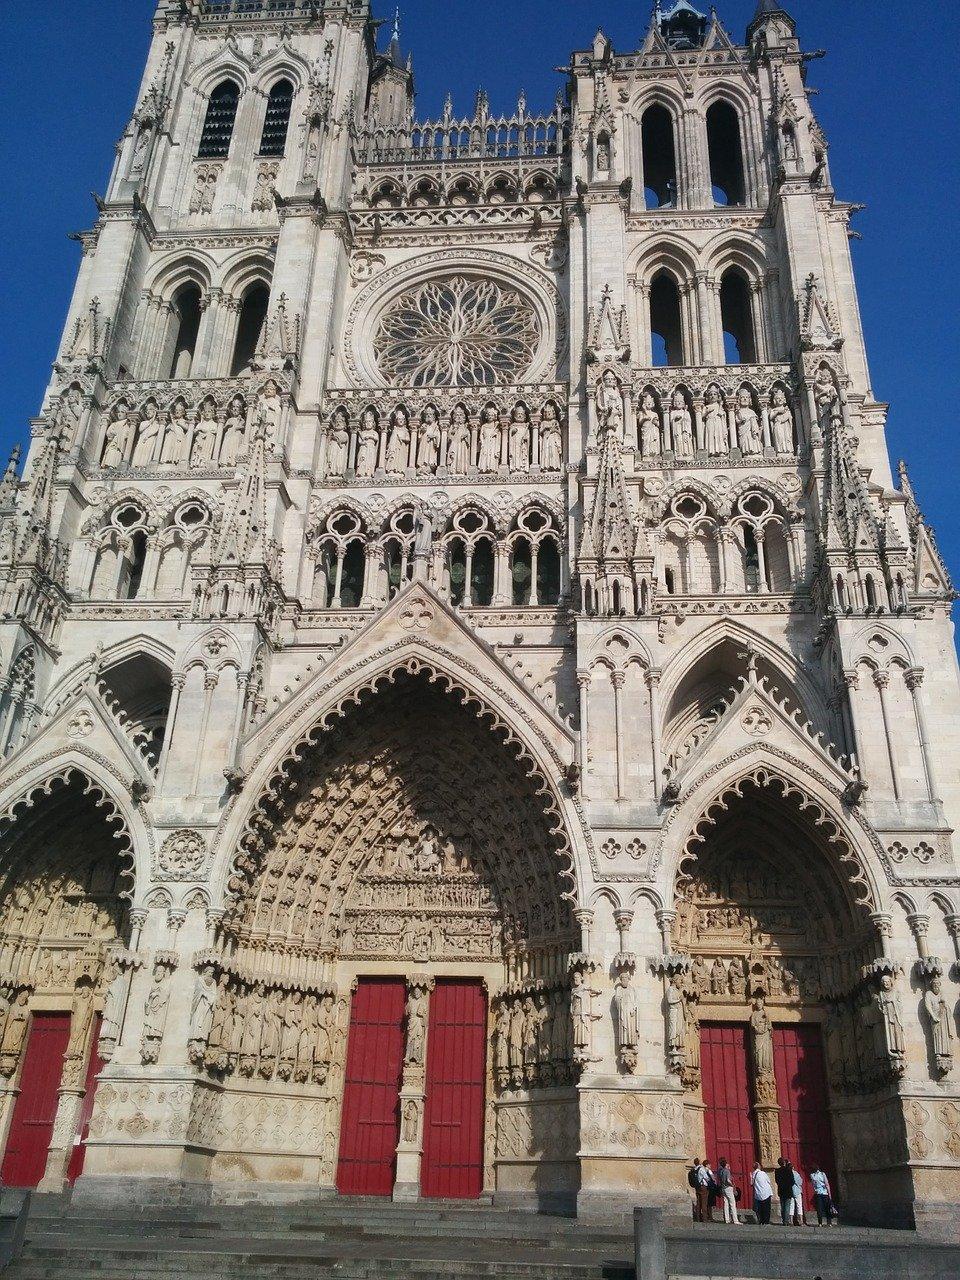 Cathédrale Notre-Dame d'Amiens - Cathédrale Notre-Dame de Paris